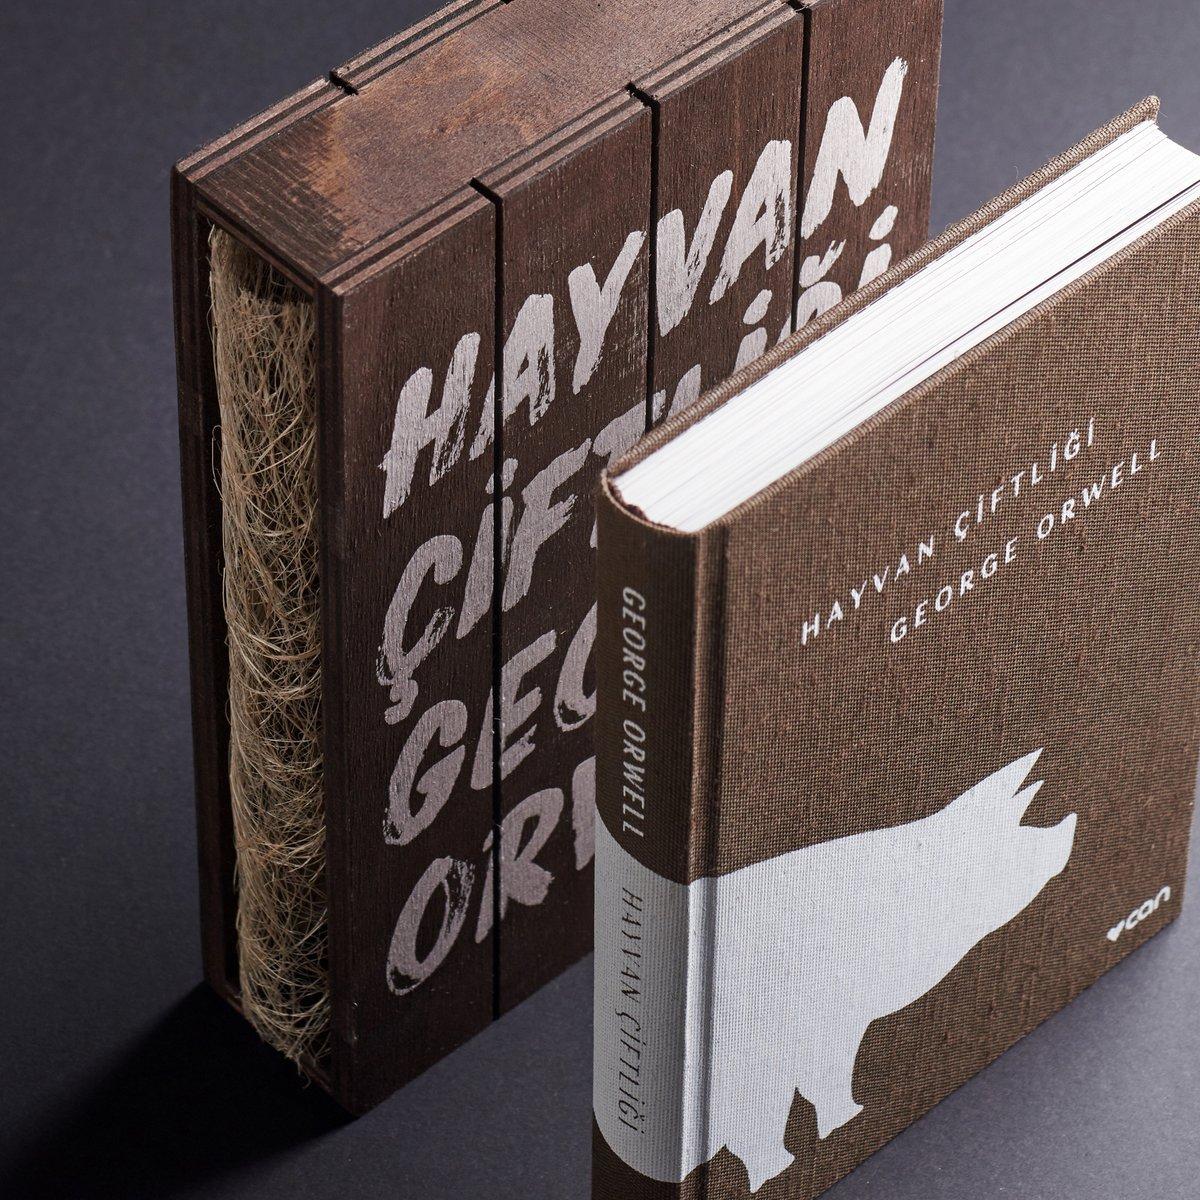 George Orwell'in modern zaman fablı Hayvan Çiftliği, koleksiyonerler için hazırlanan bu özel baskısıylaEzgi Kitabevi'nde...  #ezgikitabevi #ezgi #kitabevi #bursa #nilüfer #kristalark #podyumpark #altınoluk #hayvançiftliği #georgeorwell #canyayınları